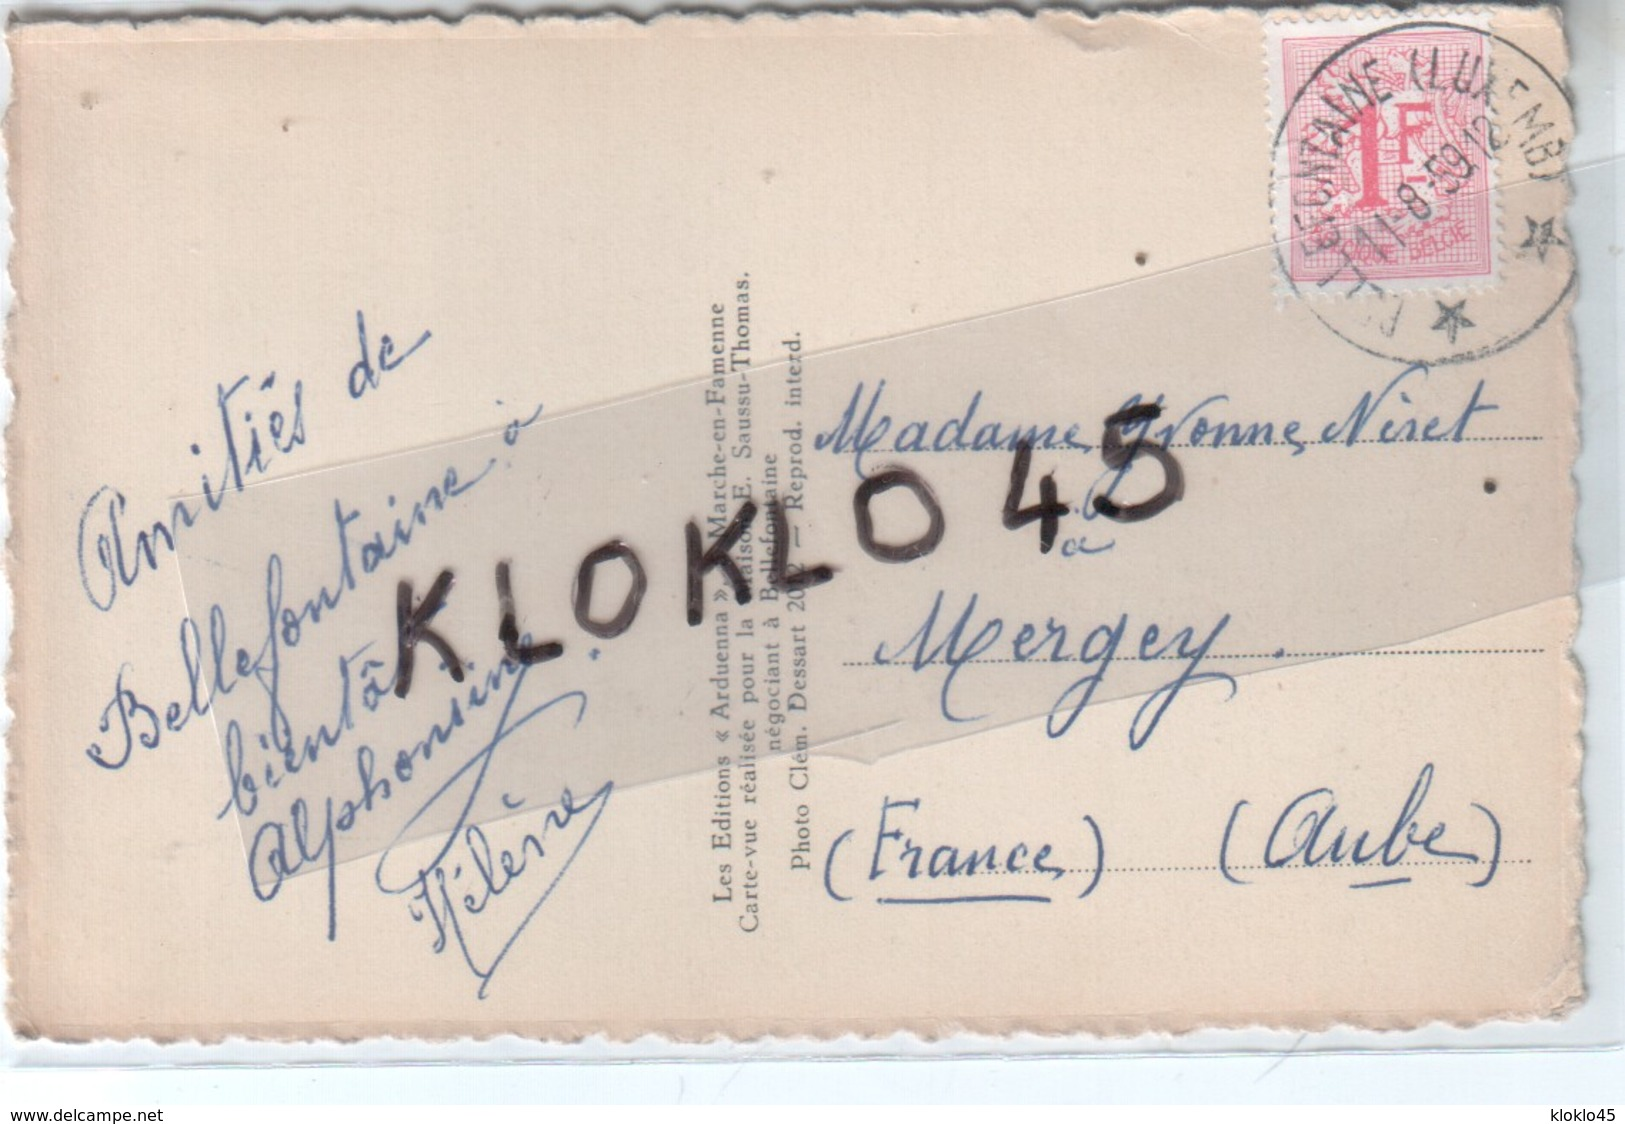 Luxembourg - Environs De Bellefontaine - L'Etang De La Soye - Cygnes Sur Le Cac  Entourré De Sapins - CPSM Glacée - Cartes Postales